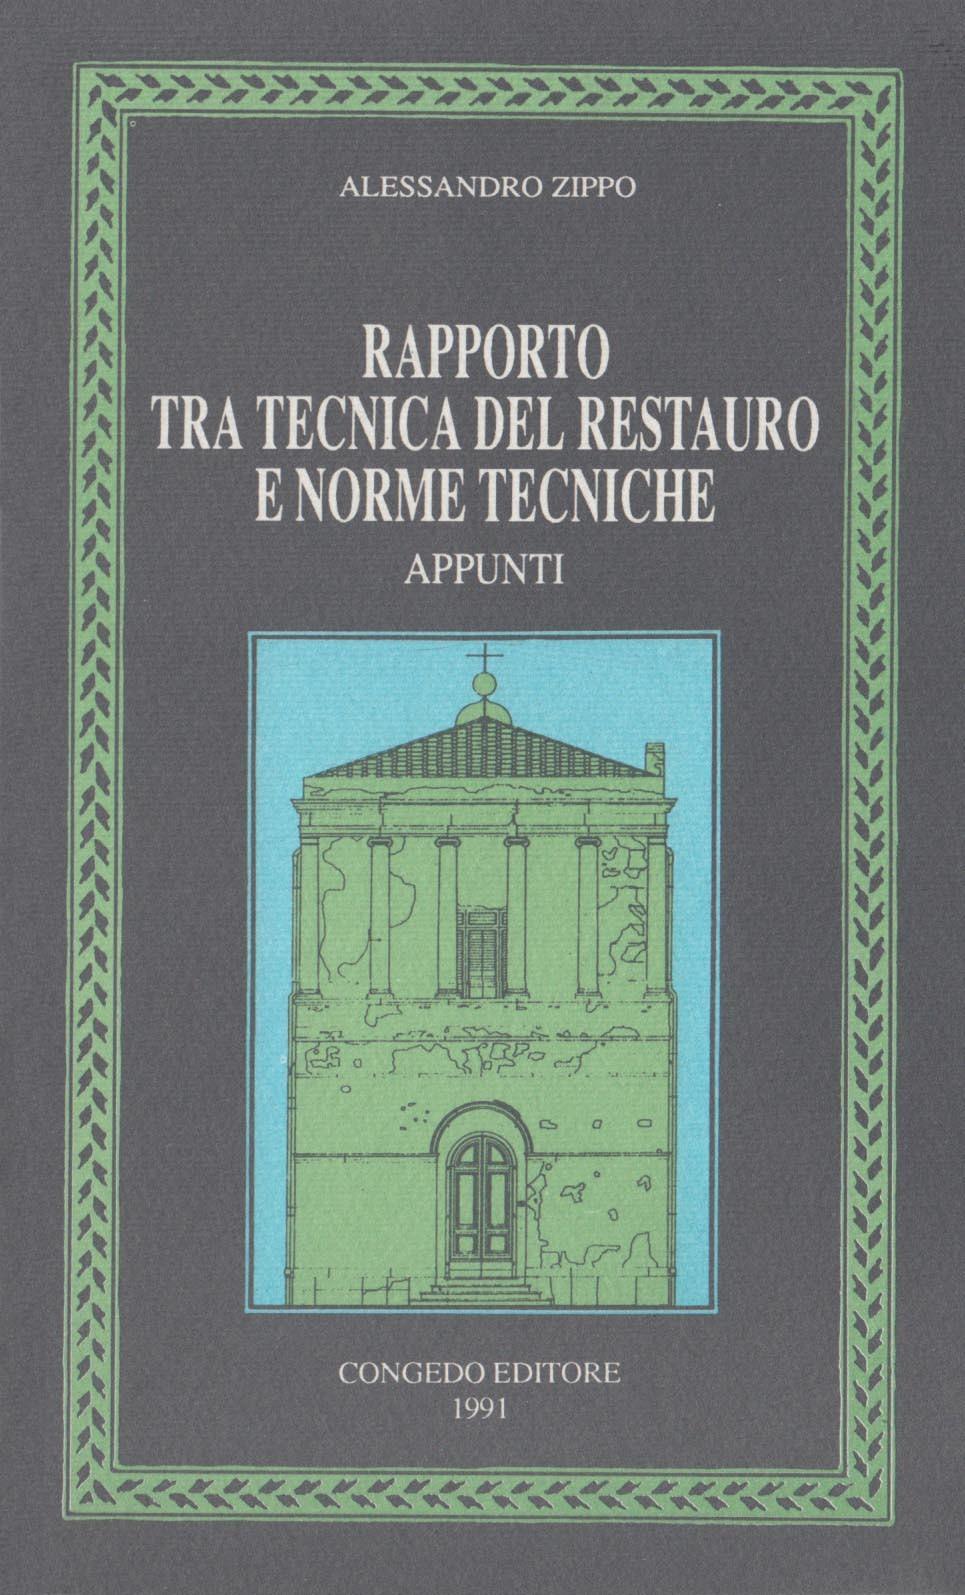 Rapporto tra tecnica del restauro e norme tecniche - Appunti